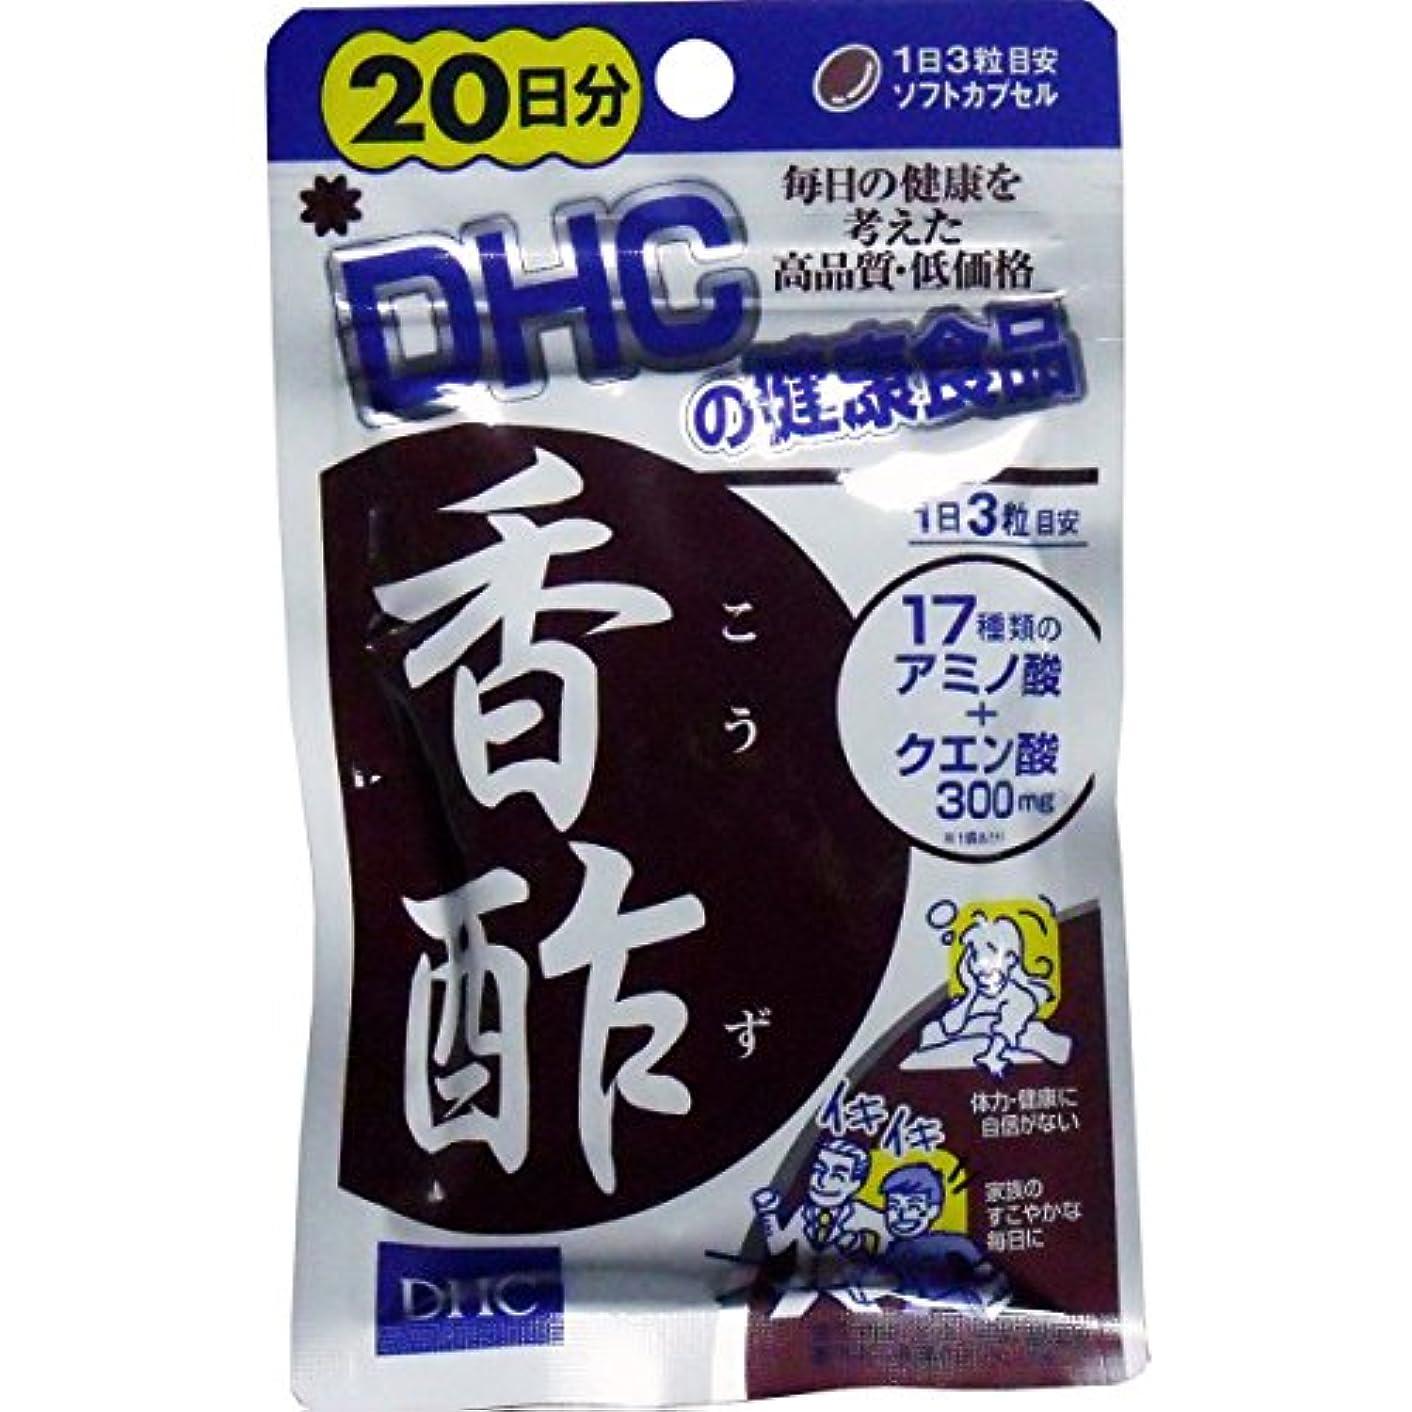 ビザ成功補正DHC 香酢 20日分 60粒入「5点セット」